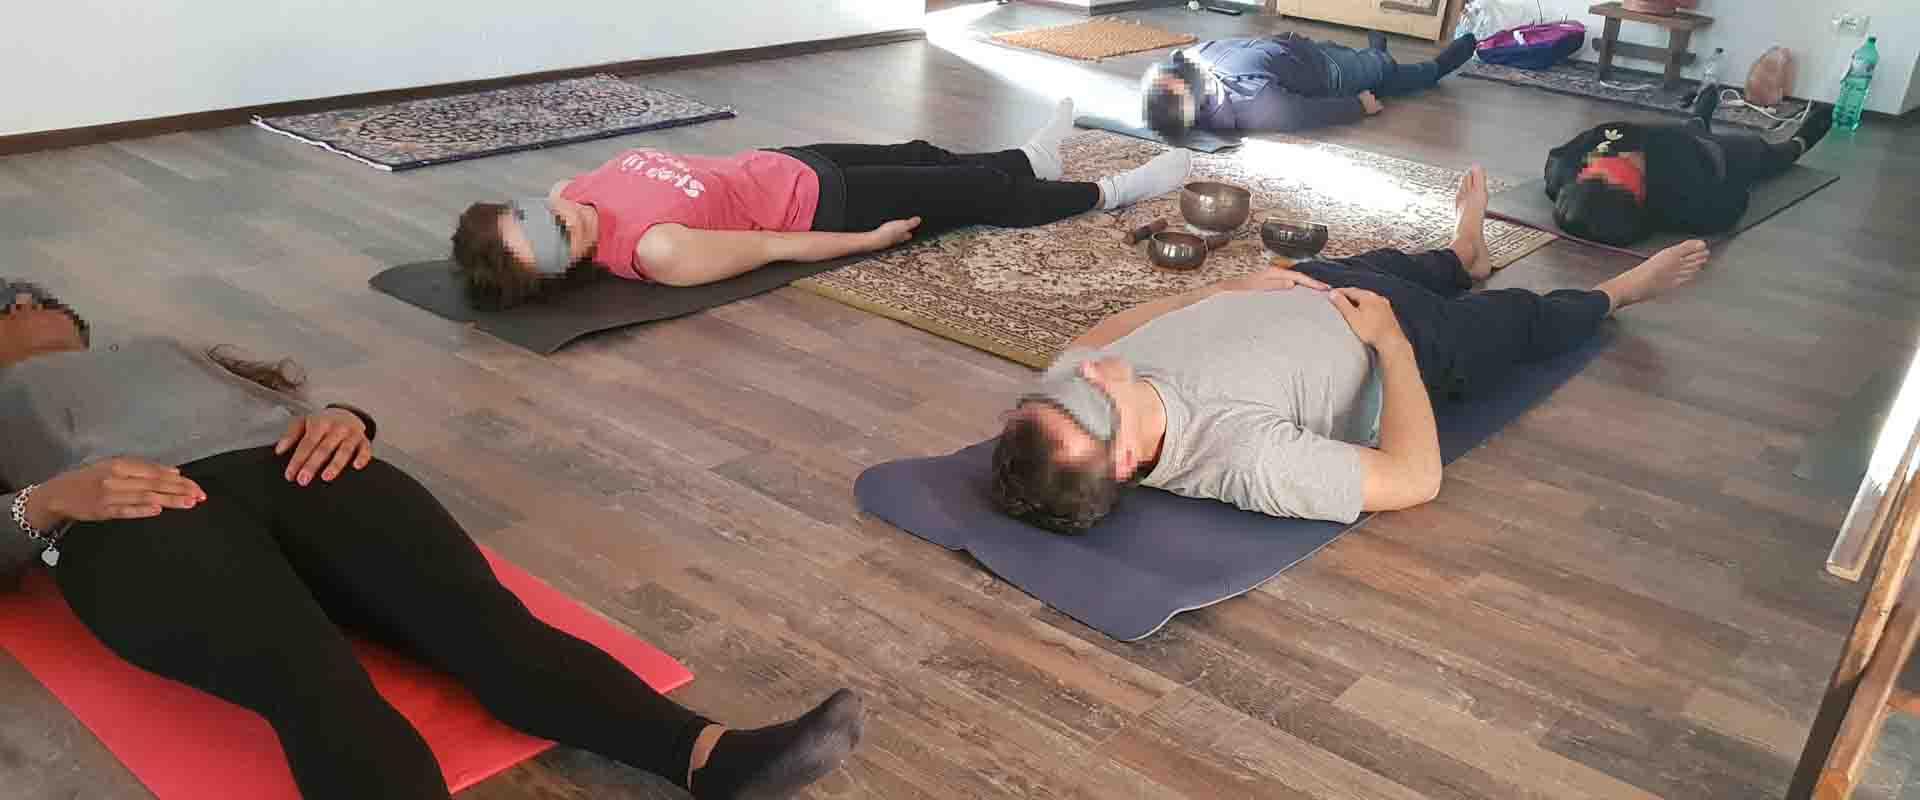 13-14 Novembre Esperienza Mindfulness Ritiro di Meditazione: La Consapevolezza Del Presente